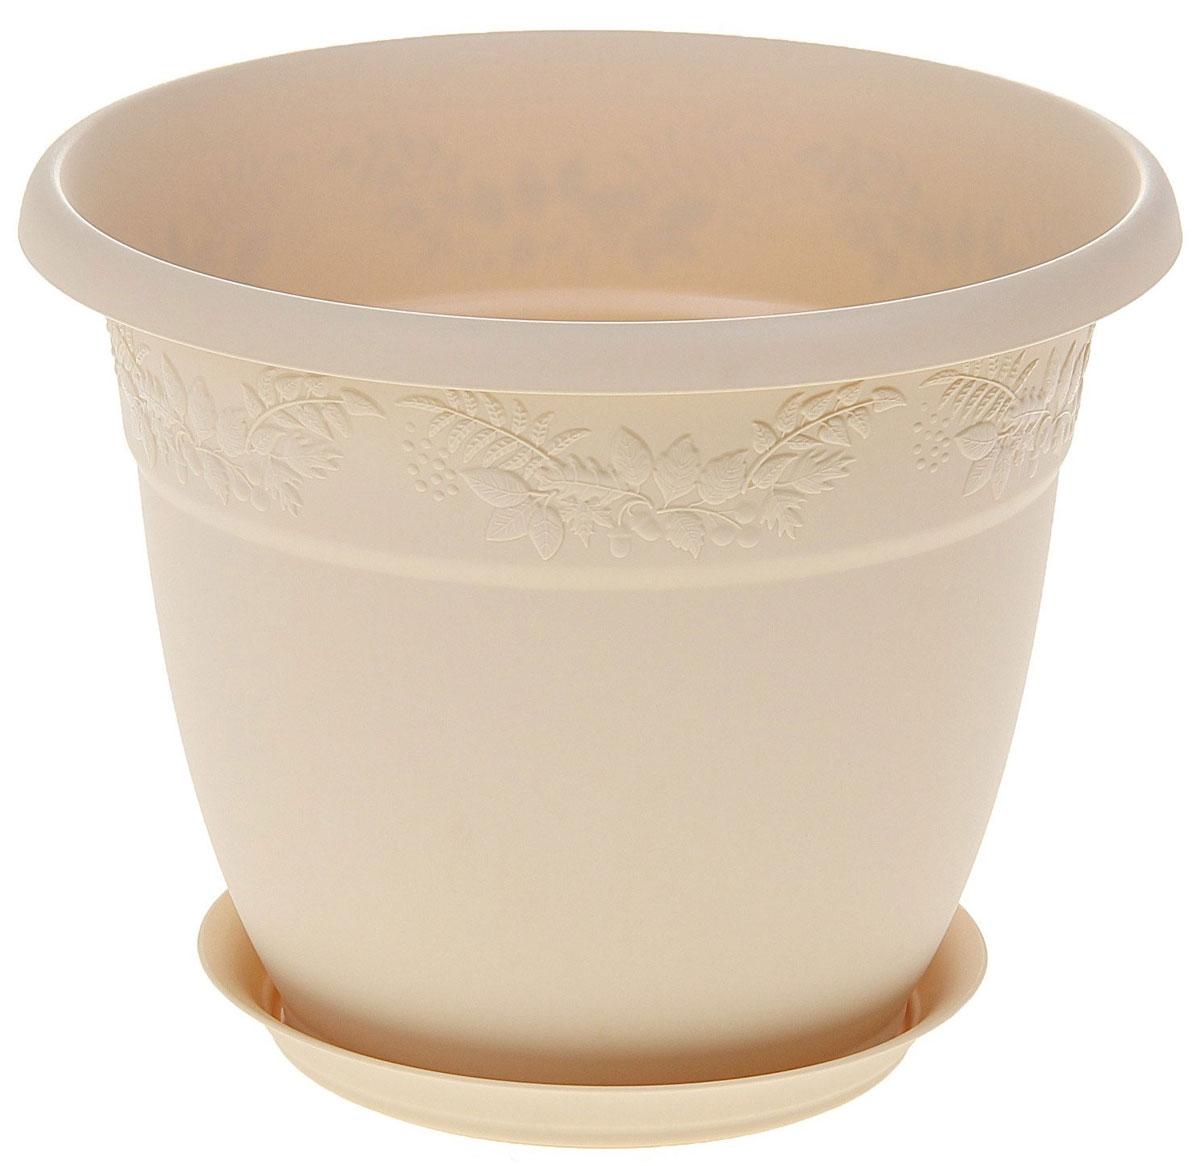 Кашпо Idea Рябина, с поддоном, цвет: белая глина, 14,7 л66926_3Любой, даже самый современный и продуманный интерьер будет не завершённым без растений. Они не только очищают воздух и насыщают его кислородом, но и заметно украшают окружающее пространство. Такому полезному &laquo члену семьи&raquoпросто необходимо красивое и функциональное кашпо, оригинальный горшок или необычная ваза! Мы предлагаем - Кашпо 14,7 л Рябина d=35 см , с поддоном, цвет белая глина!Оптимальный выбор материала &mdash &nbsp пластмасса! Почему мы так считаем? Малый вес. С лёгкостью переносите горшки и кашпо с места на место, ставьте их на столики или полки, подвешивайте под потолок, не беспокоясь о нагрузке. Простота ухода. Пластиковые изделия не нуждаются в специальных условиях хранения. Их&nbsp легко чистить &mdashдостаточно просто сполоснуть тёплой водой. Никаких царапин. Пластиковые кашпо не царапают и не загрязняют поверхности, на которых стоят. Пластик дольше хранит влагу, а значит &mdashрастение реже нуждается в поливе. Пластмасса не пропускает воздух &mdashкорневой системе растения не грозят резкие перепады температур. Огромный выбор форм, декора и расцветок &mdashвы без труда подберёте что-то, что идеально впишется в уже существующий интерьер.Соблюдая нехитрые правила ухода, вы можете заметно продлить срок службы горшков, вазонов и кашпо из пластика: всегда учитывайте размер кроны и корневой системы растения (при разрастании большое растение способно повредить маленький горшок)берегите изделие от воздействия прямых солнечных лучей, чтобы кашпо и горшки не выцветалидержите кашпо и горшки из пластика подальше от нагревающихся поверхностей.Создавайте прекрасные цветочные композиции, выращивайте рассаду или необычные растения, а низкие цены позволят вам не ограничивать себя в выборе.